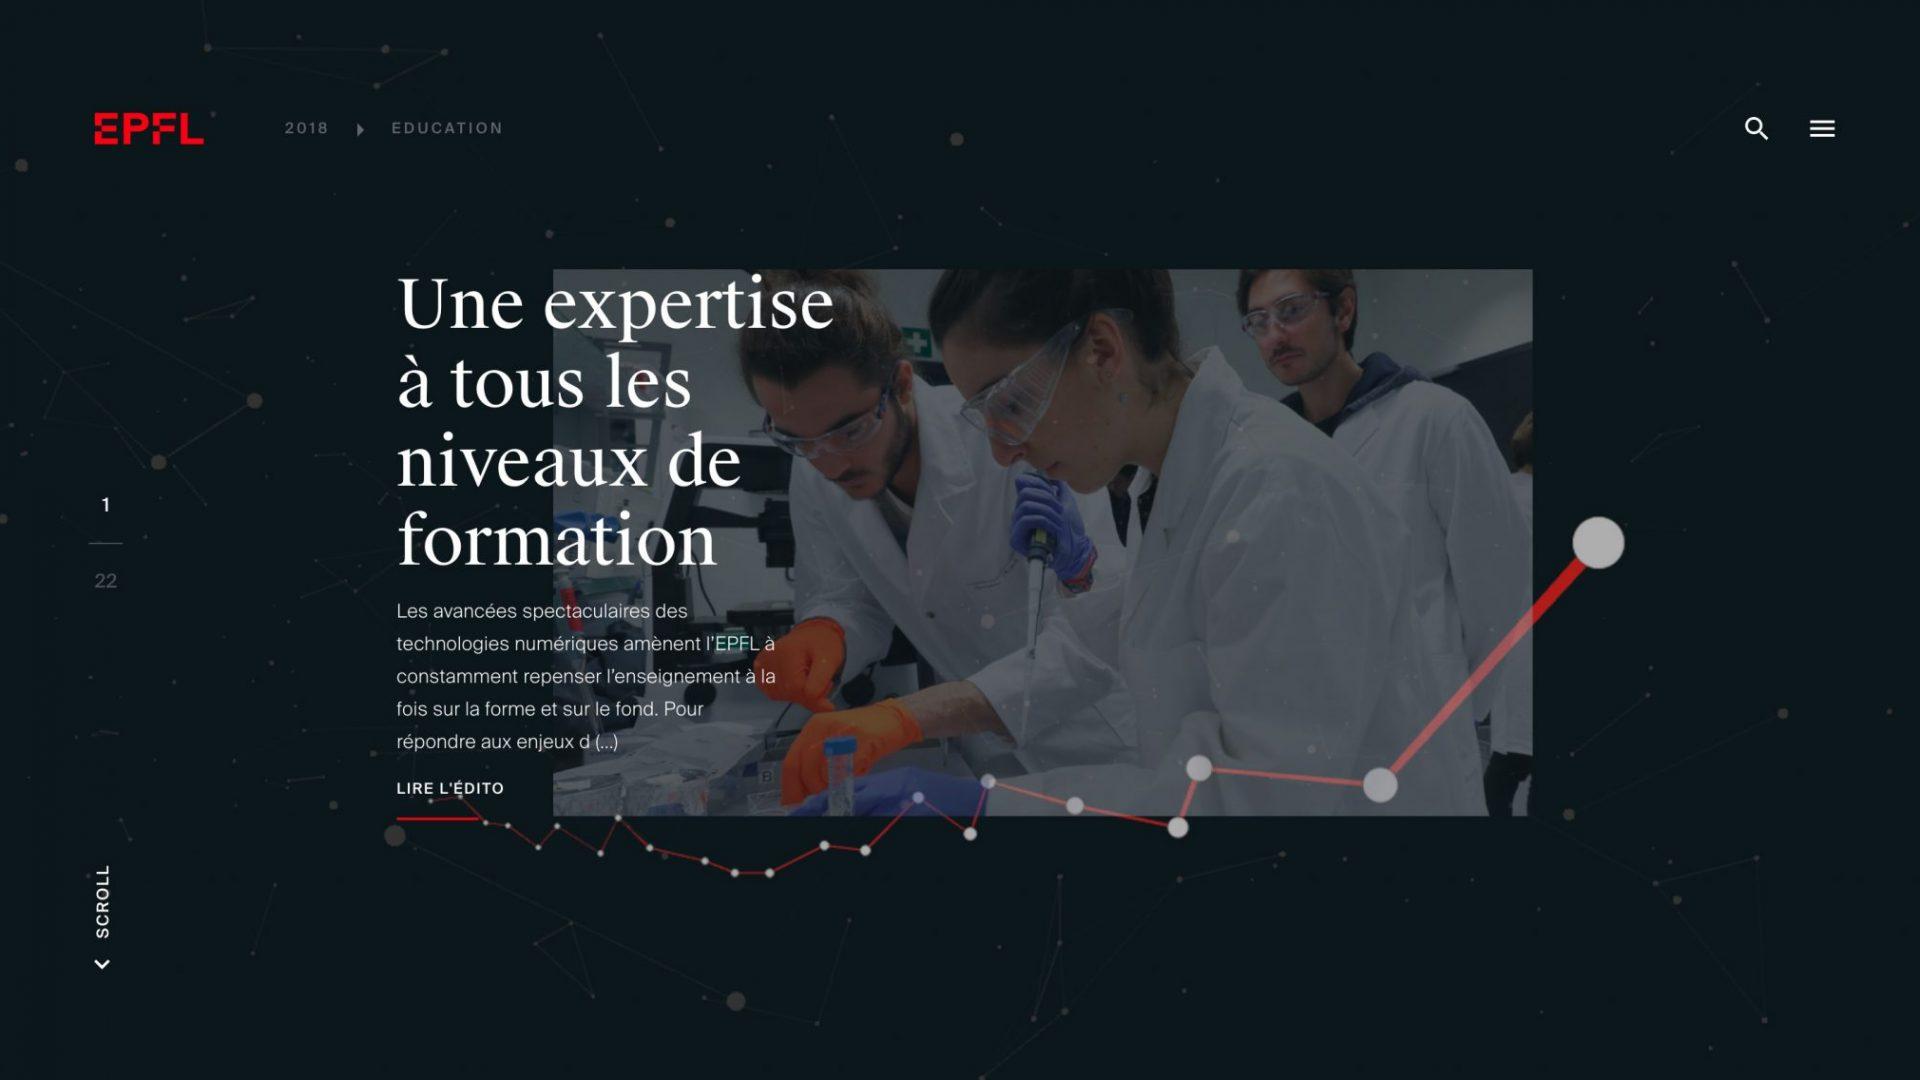 Capture d'écran du rapport annuel 2018